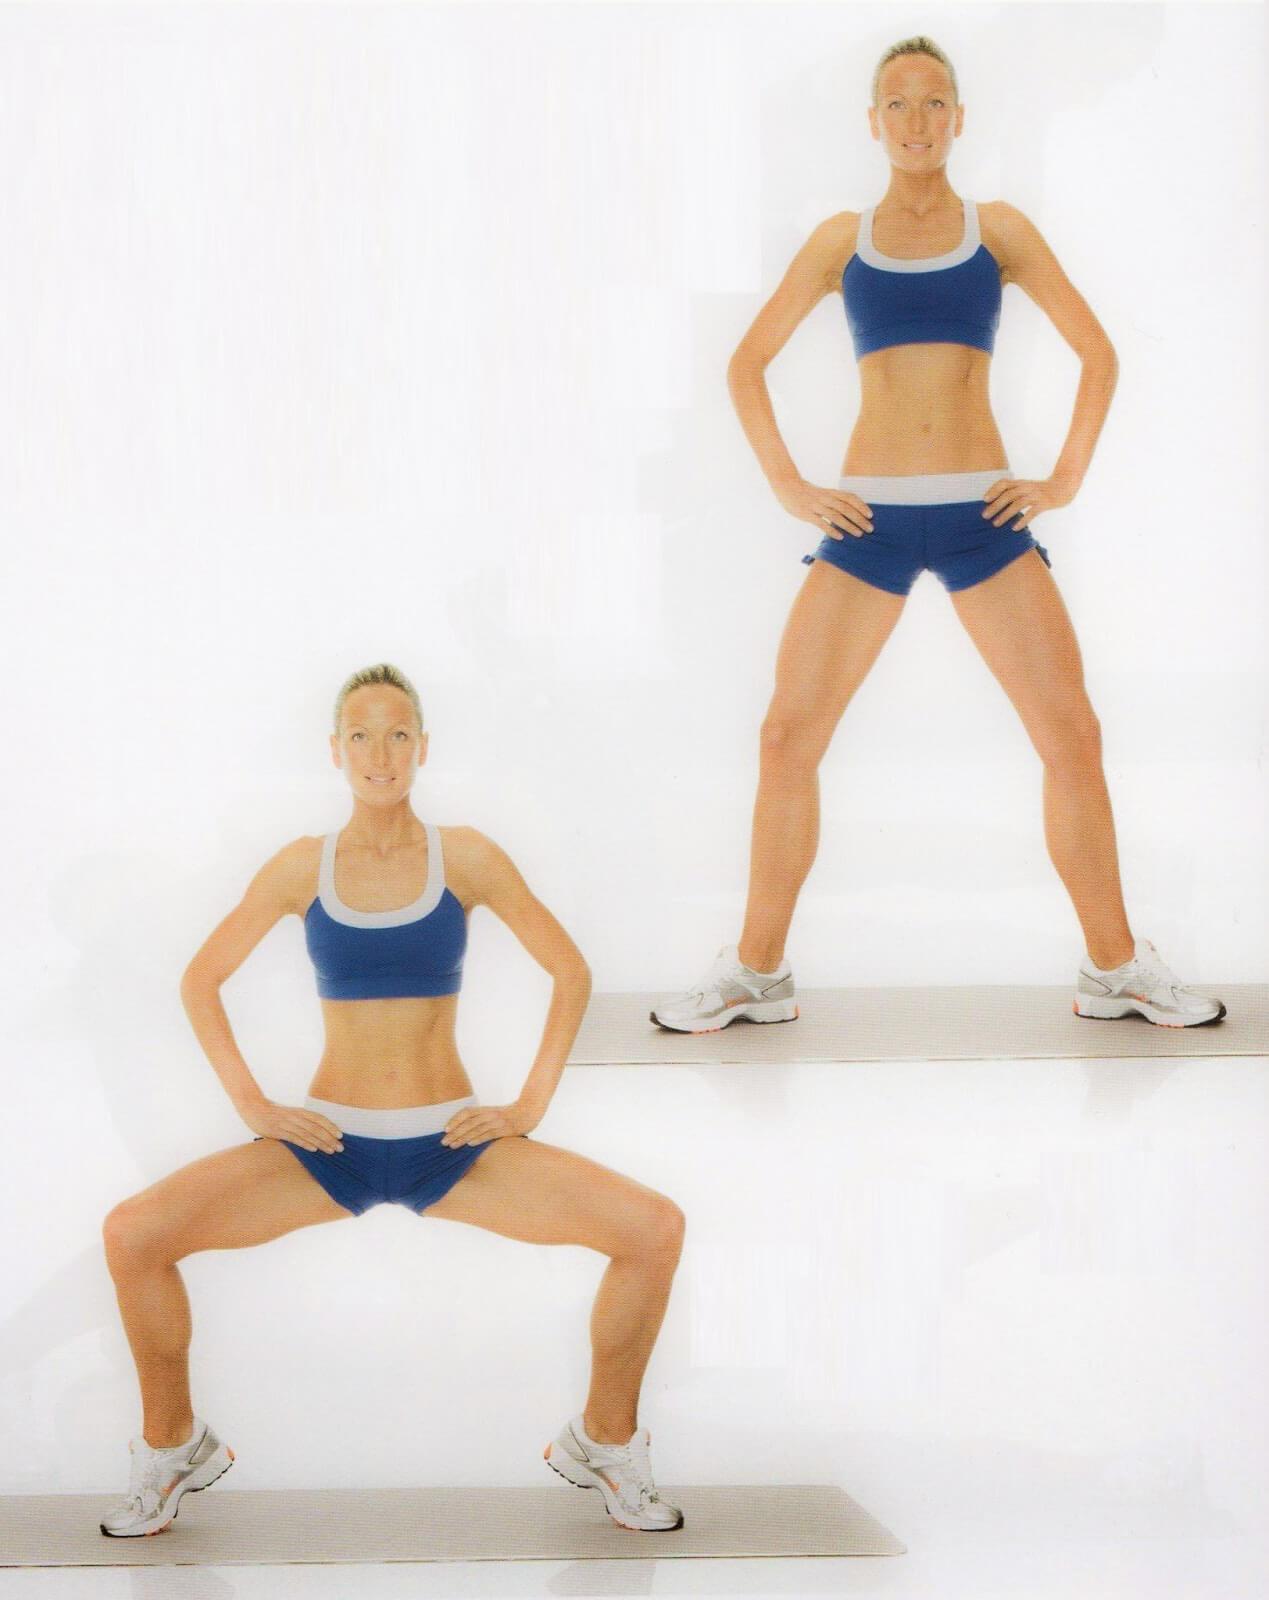 Ejercicios-para-fortalecer-las-piernas-5